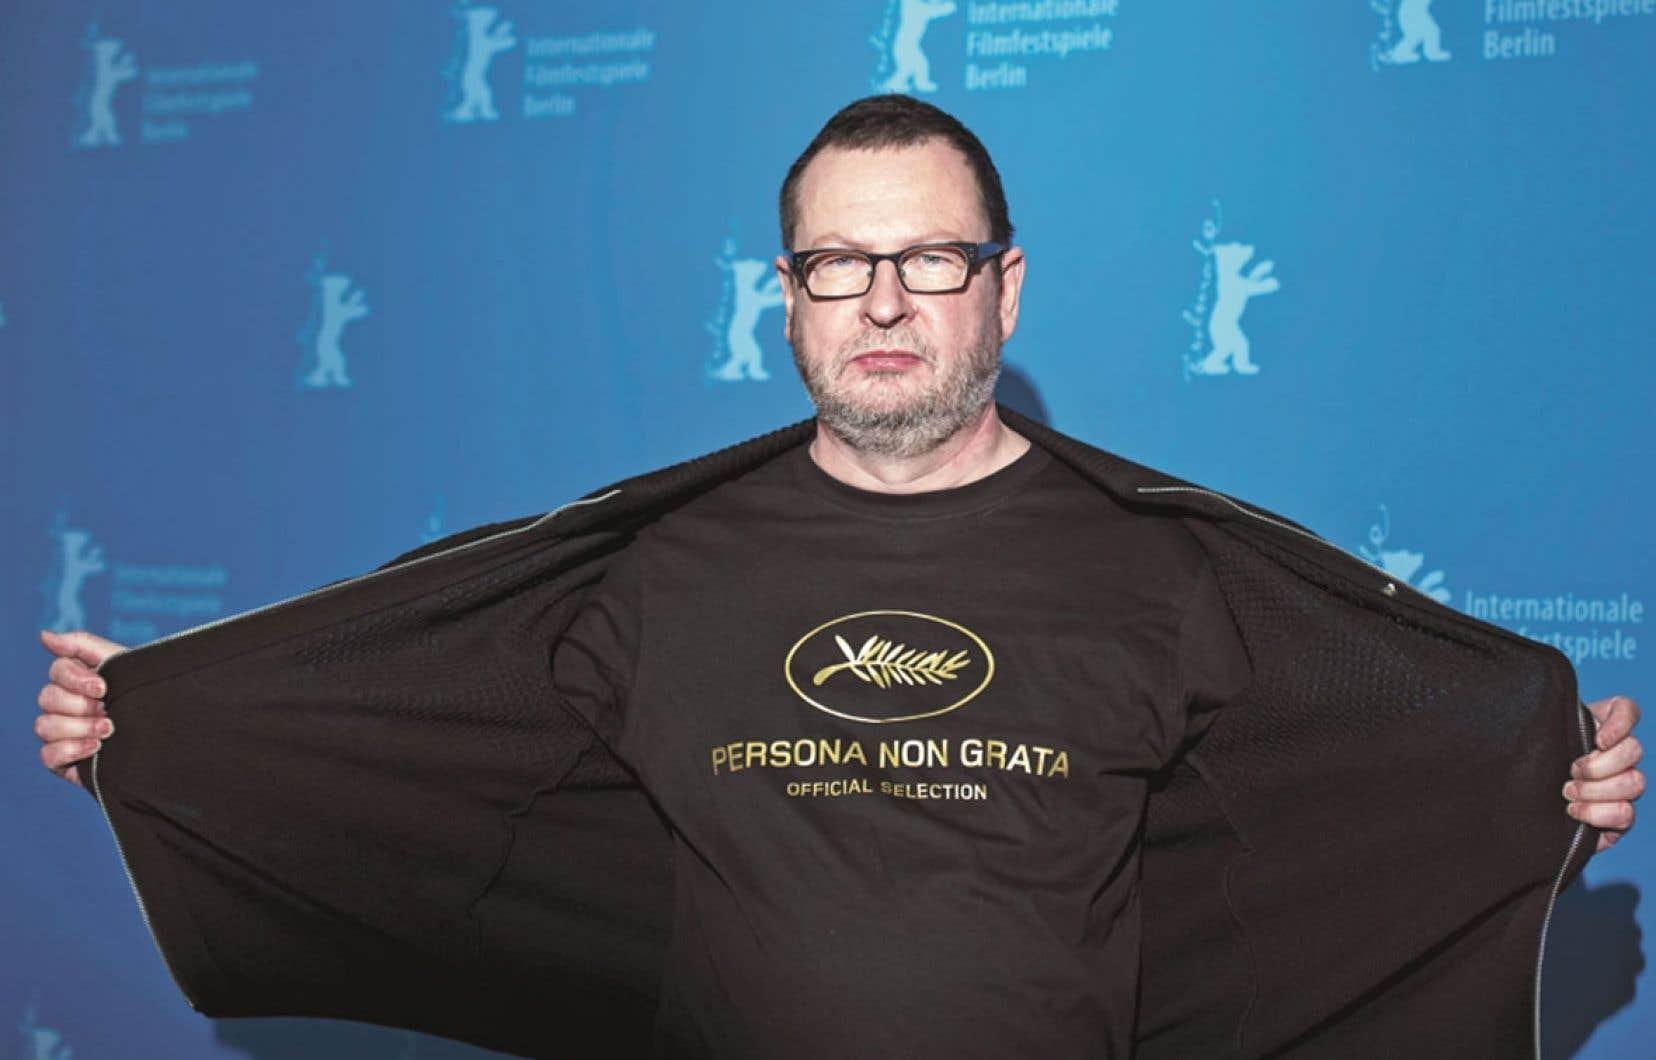 Banni du Festival de Cannes en 2011, le réalisateur danois Lars Von Trier exhibait dimanche, jour de la présentation de la version longue de Nymphomaniac Vol. 1, un t-shirt au message plutôt ironique.